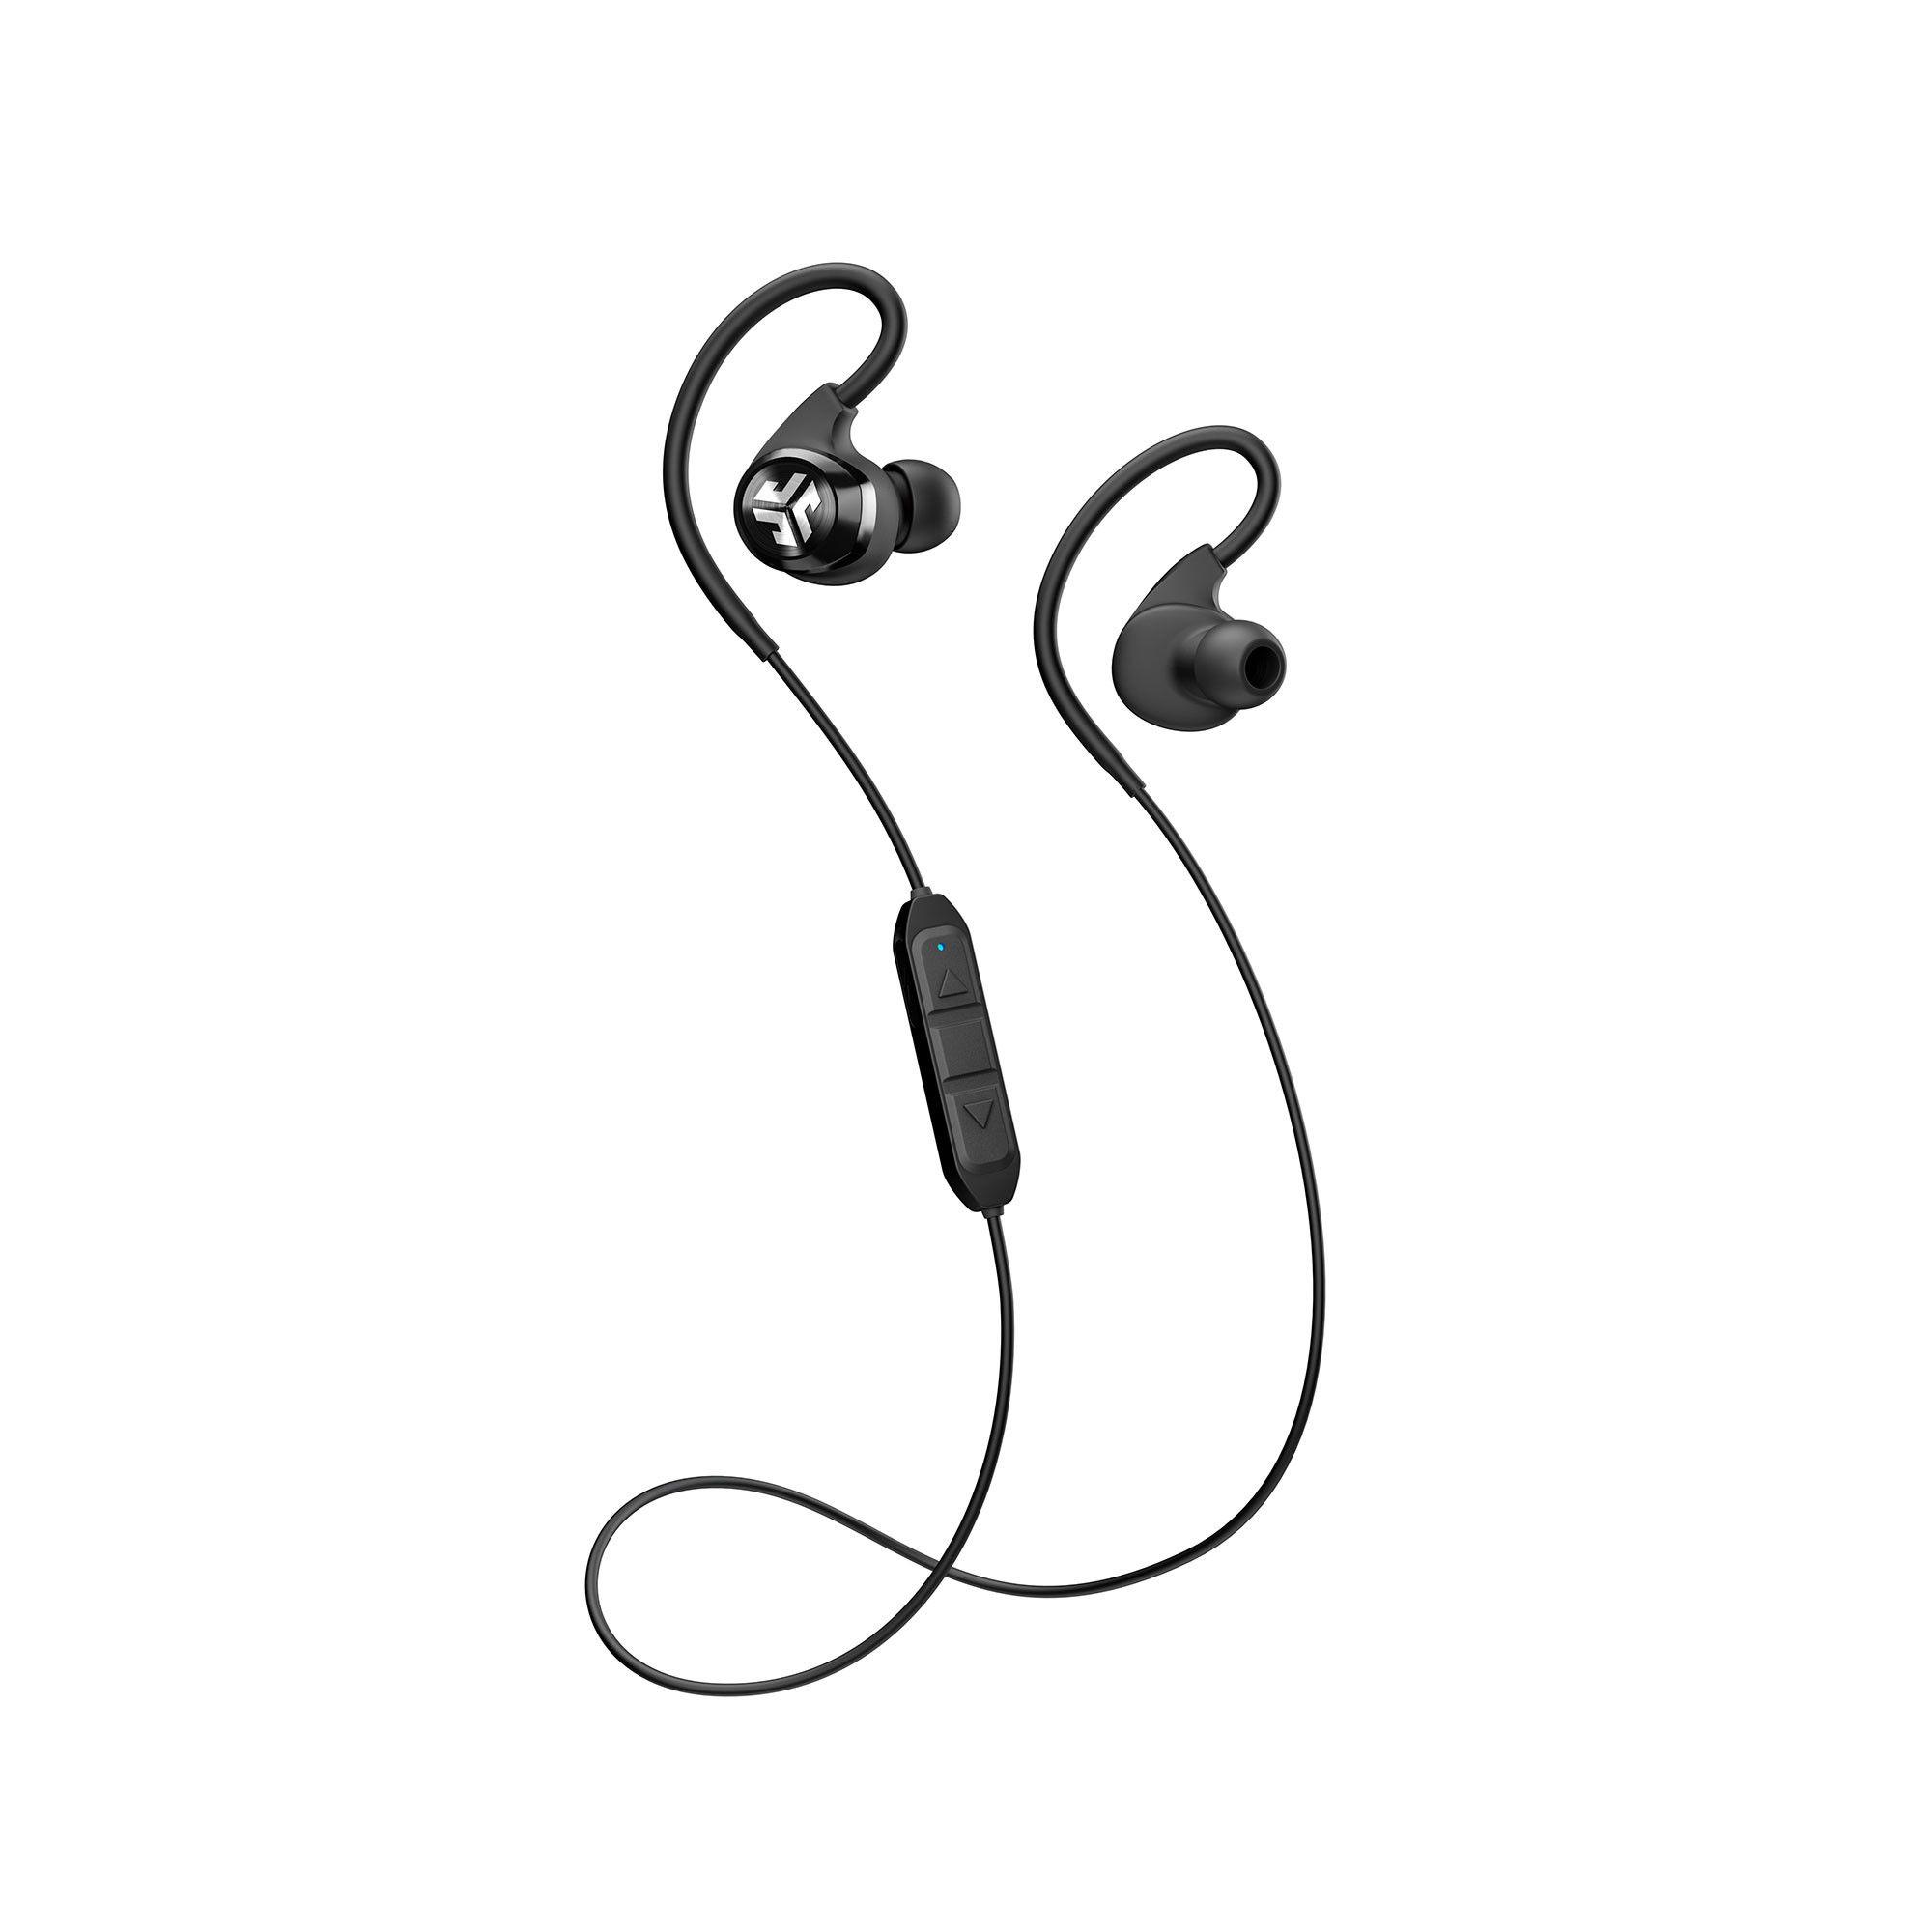 Epic2 wireless earbuds wireless sport earbuds earbuds